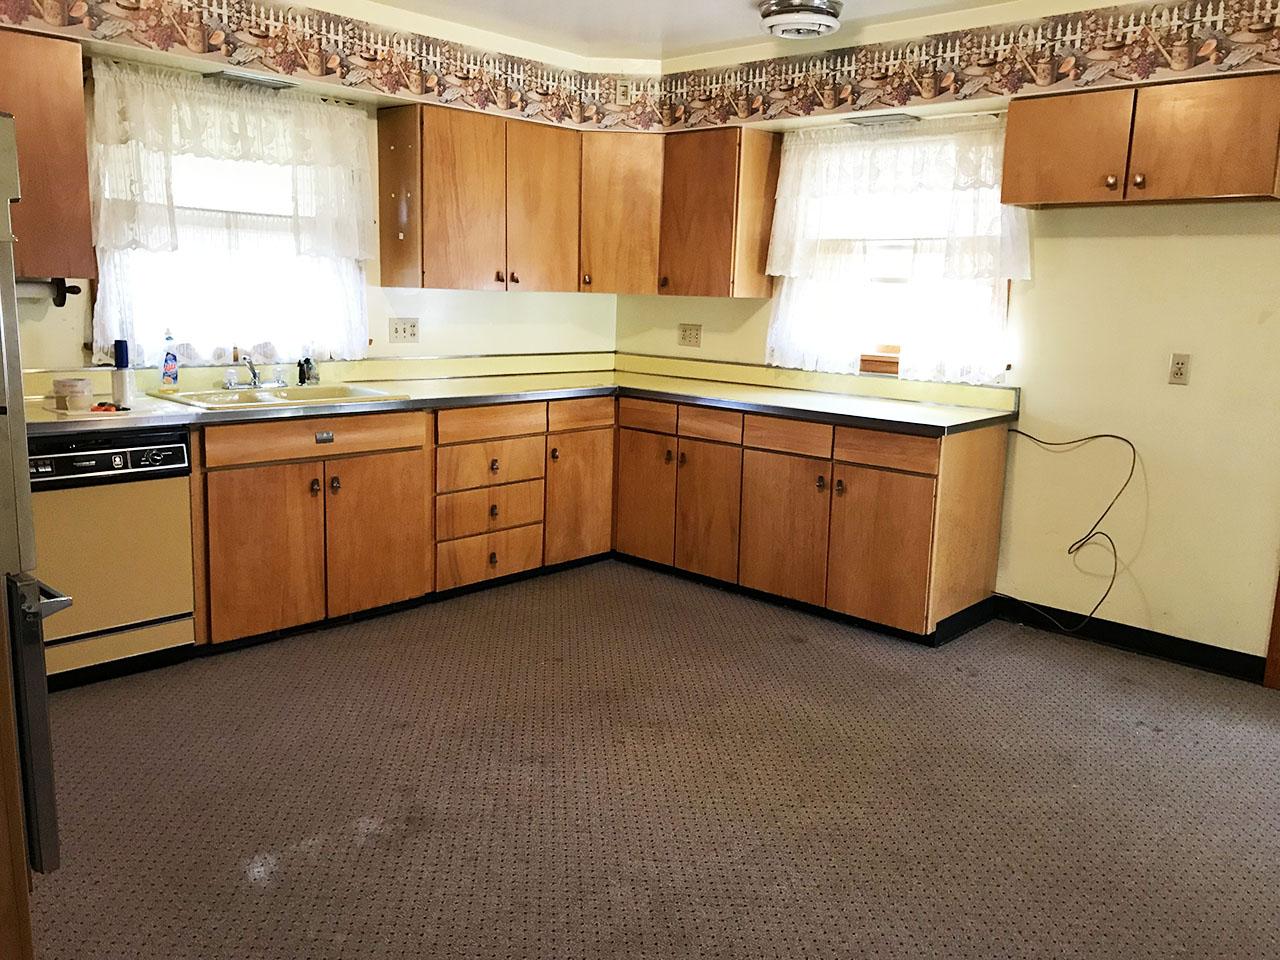 06_Kitchen_1.jpg